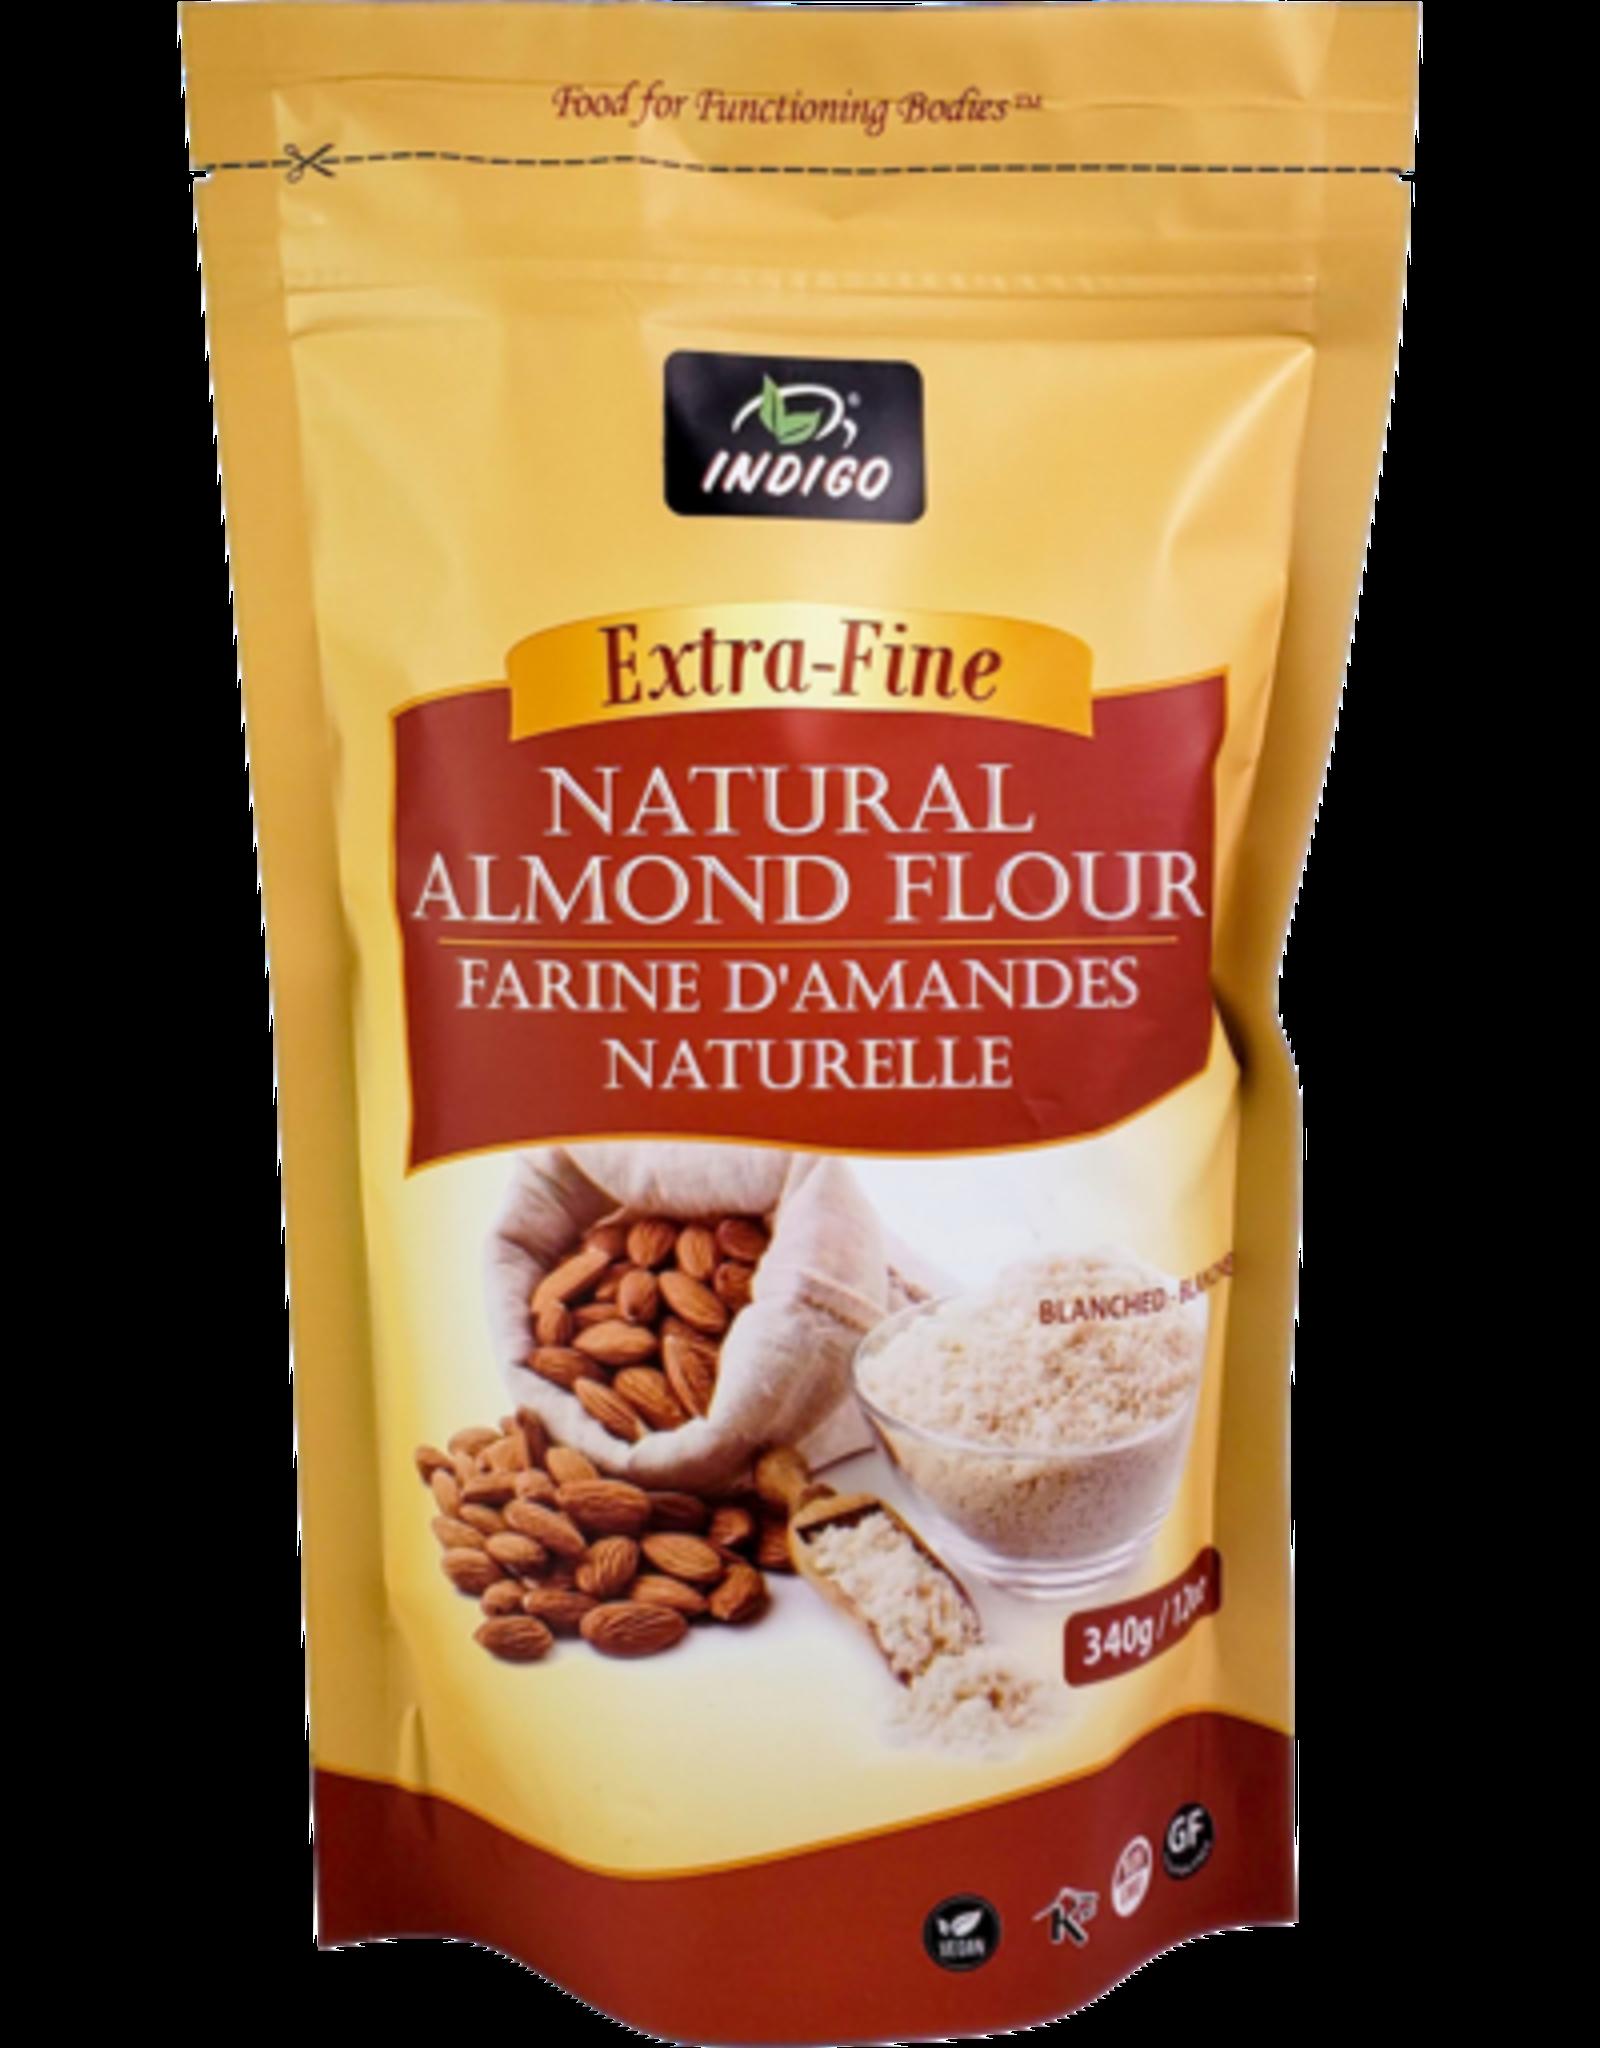 Indigo Indigo -Almond Flour, 340g